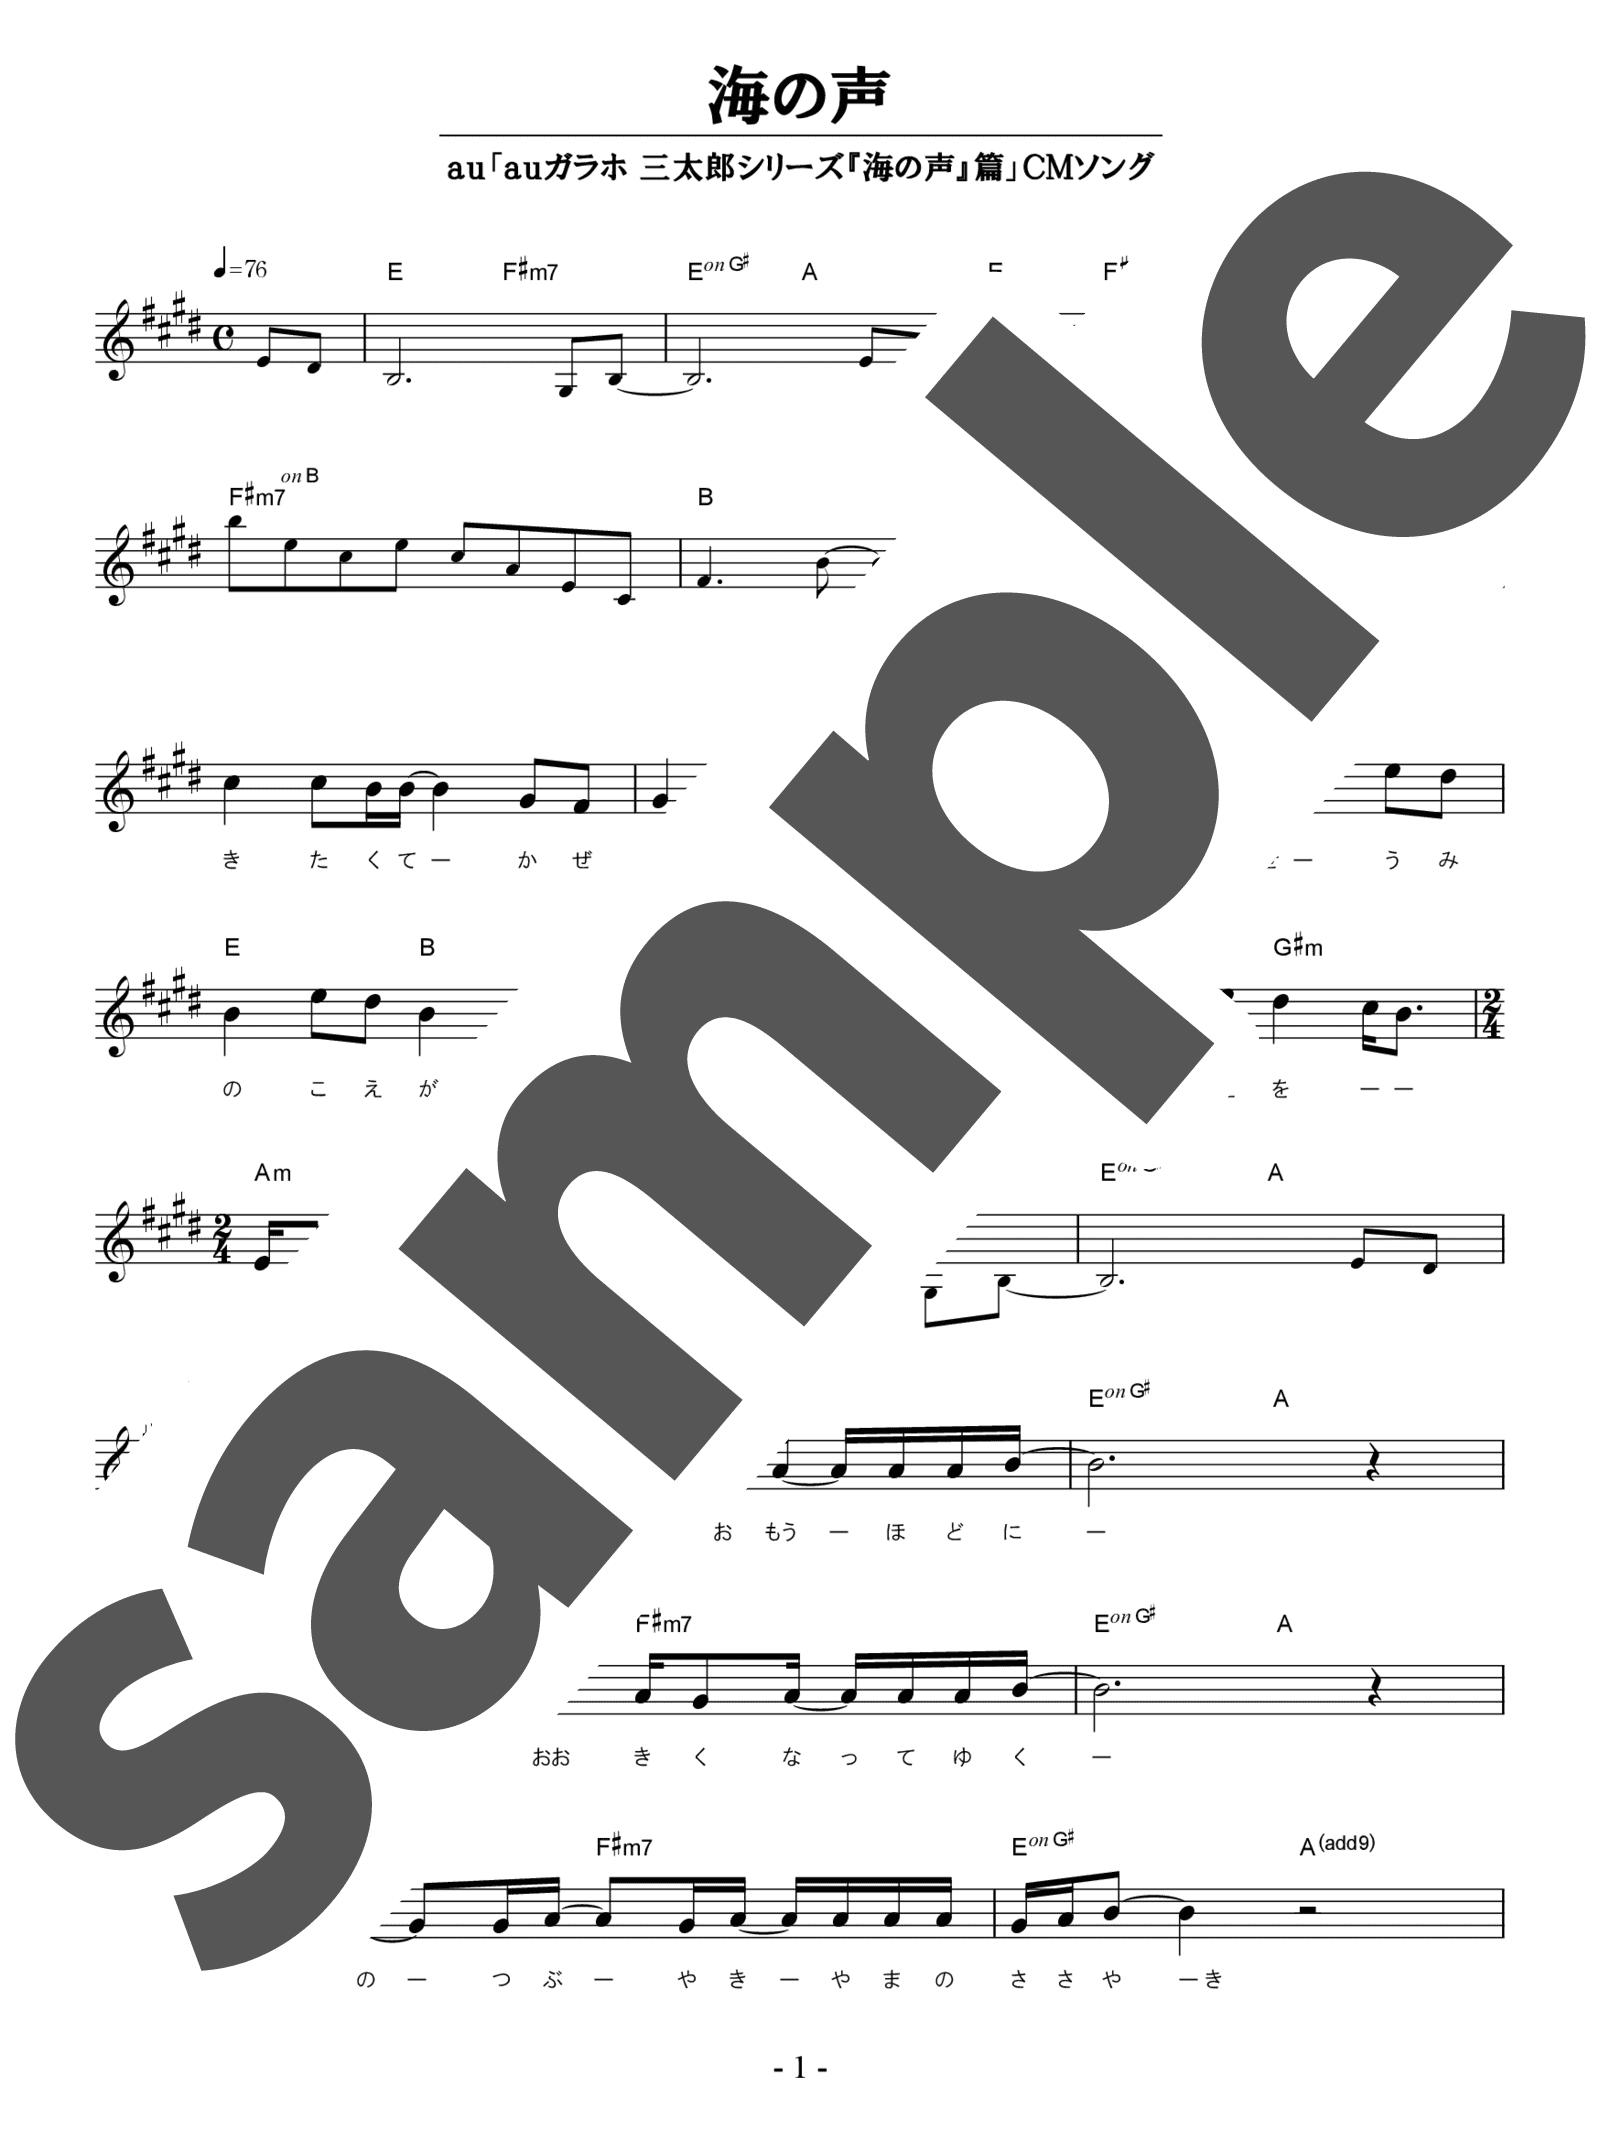 「海の声」のサンプル楽譜